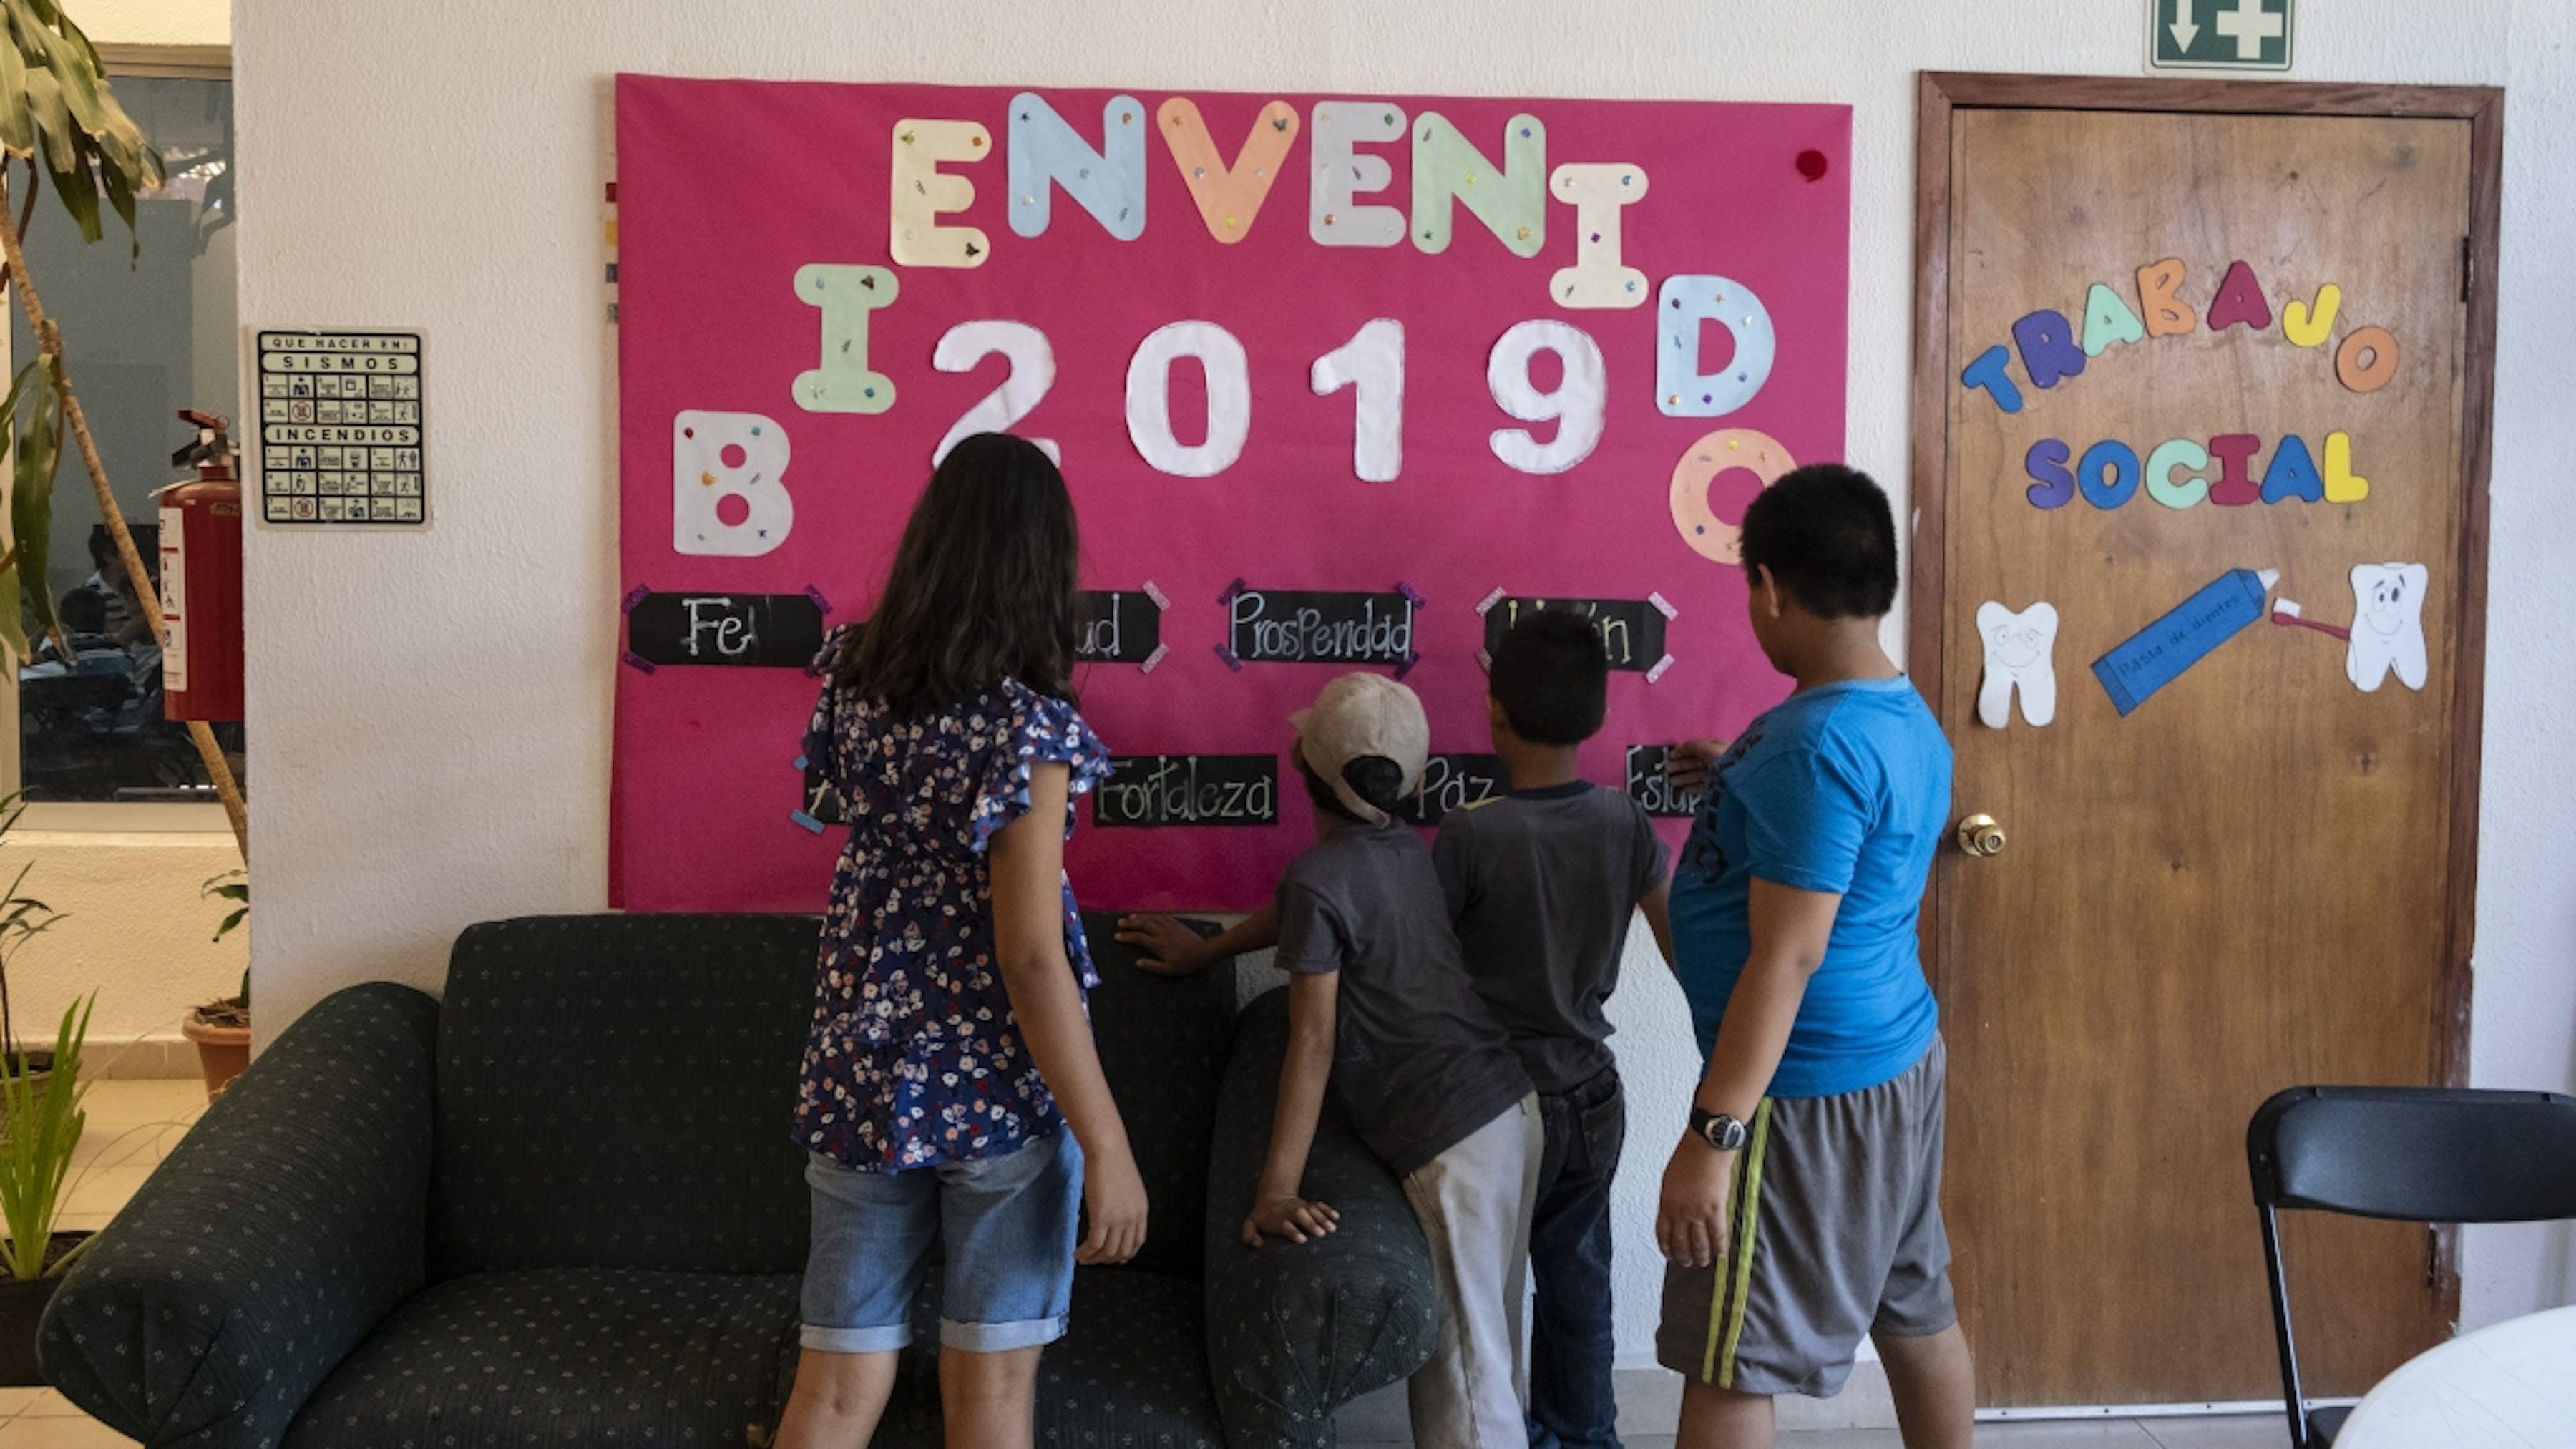 Messico,I bambini migranti giocano in un centro diurno per bambini sostenuto dall'UNICEF a Tapachula.